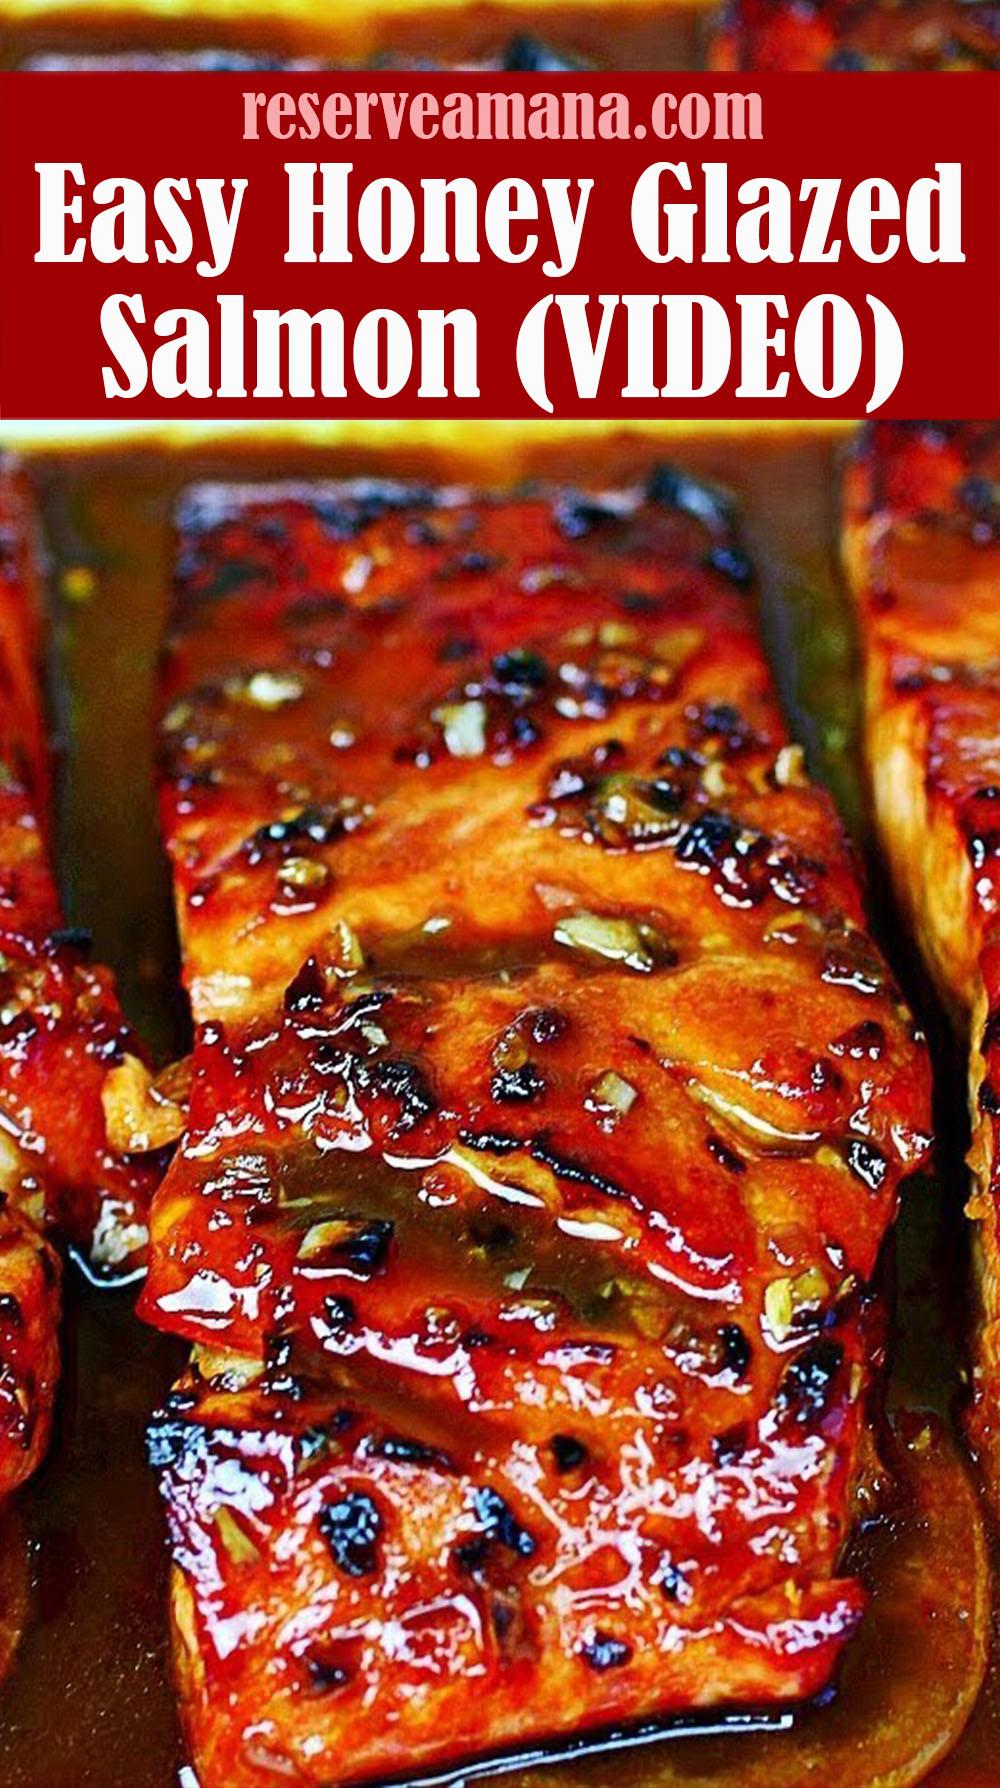 Easy Honey Glazed Salmon